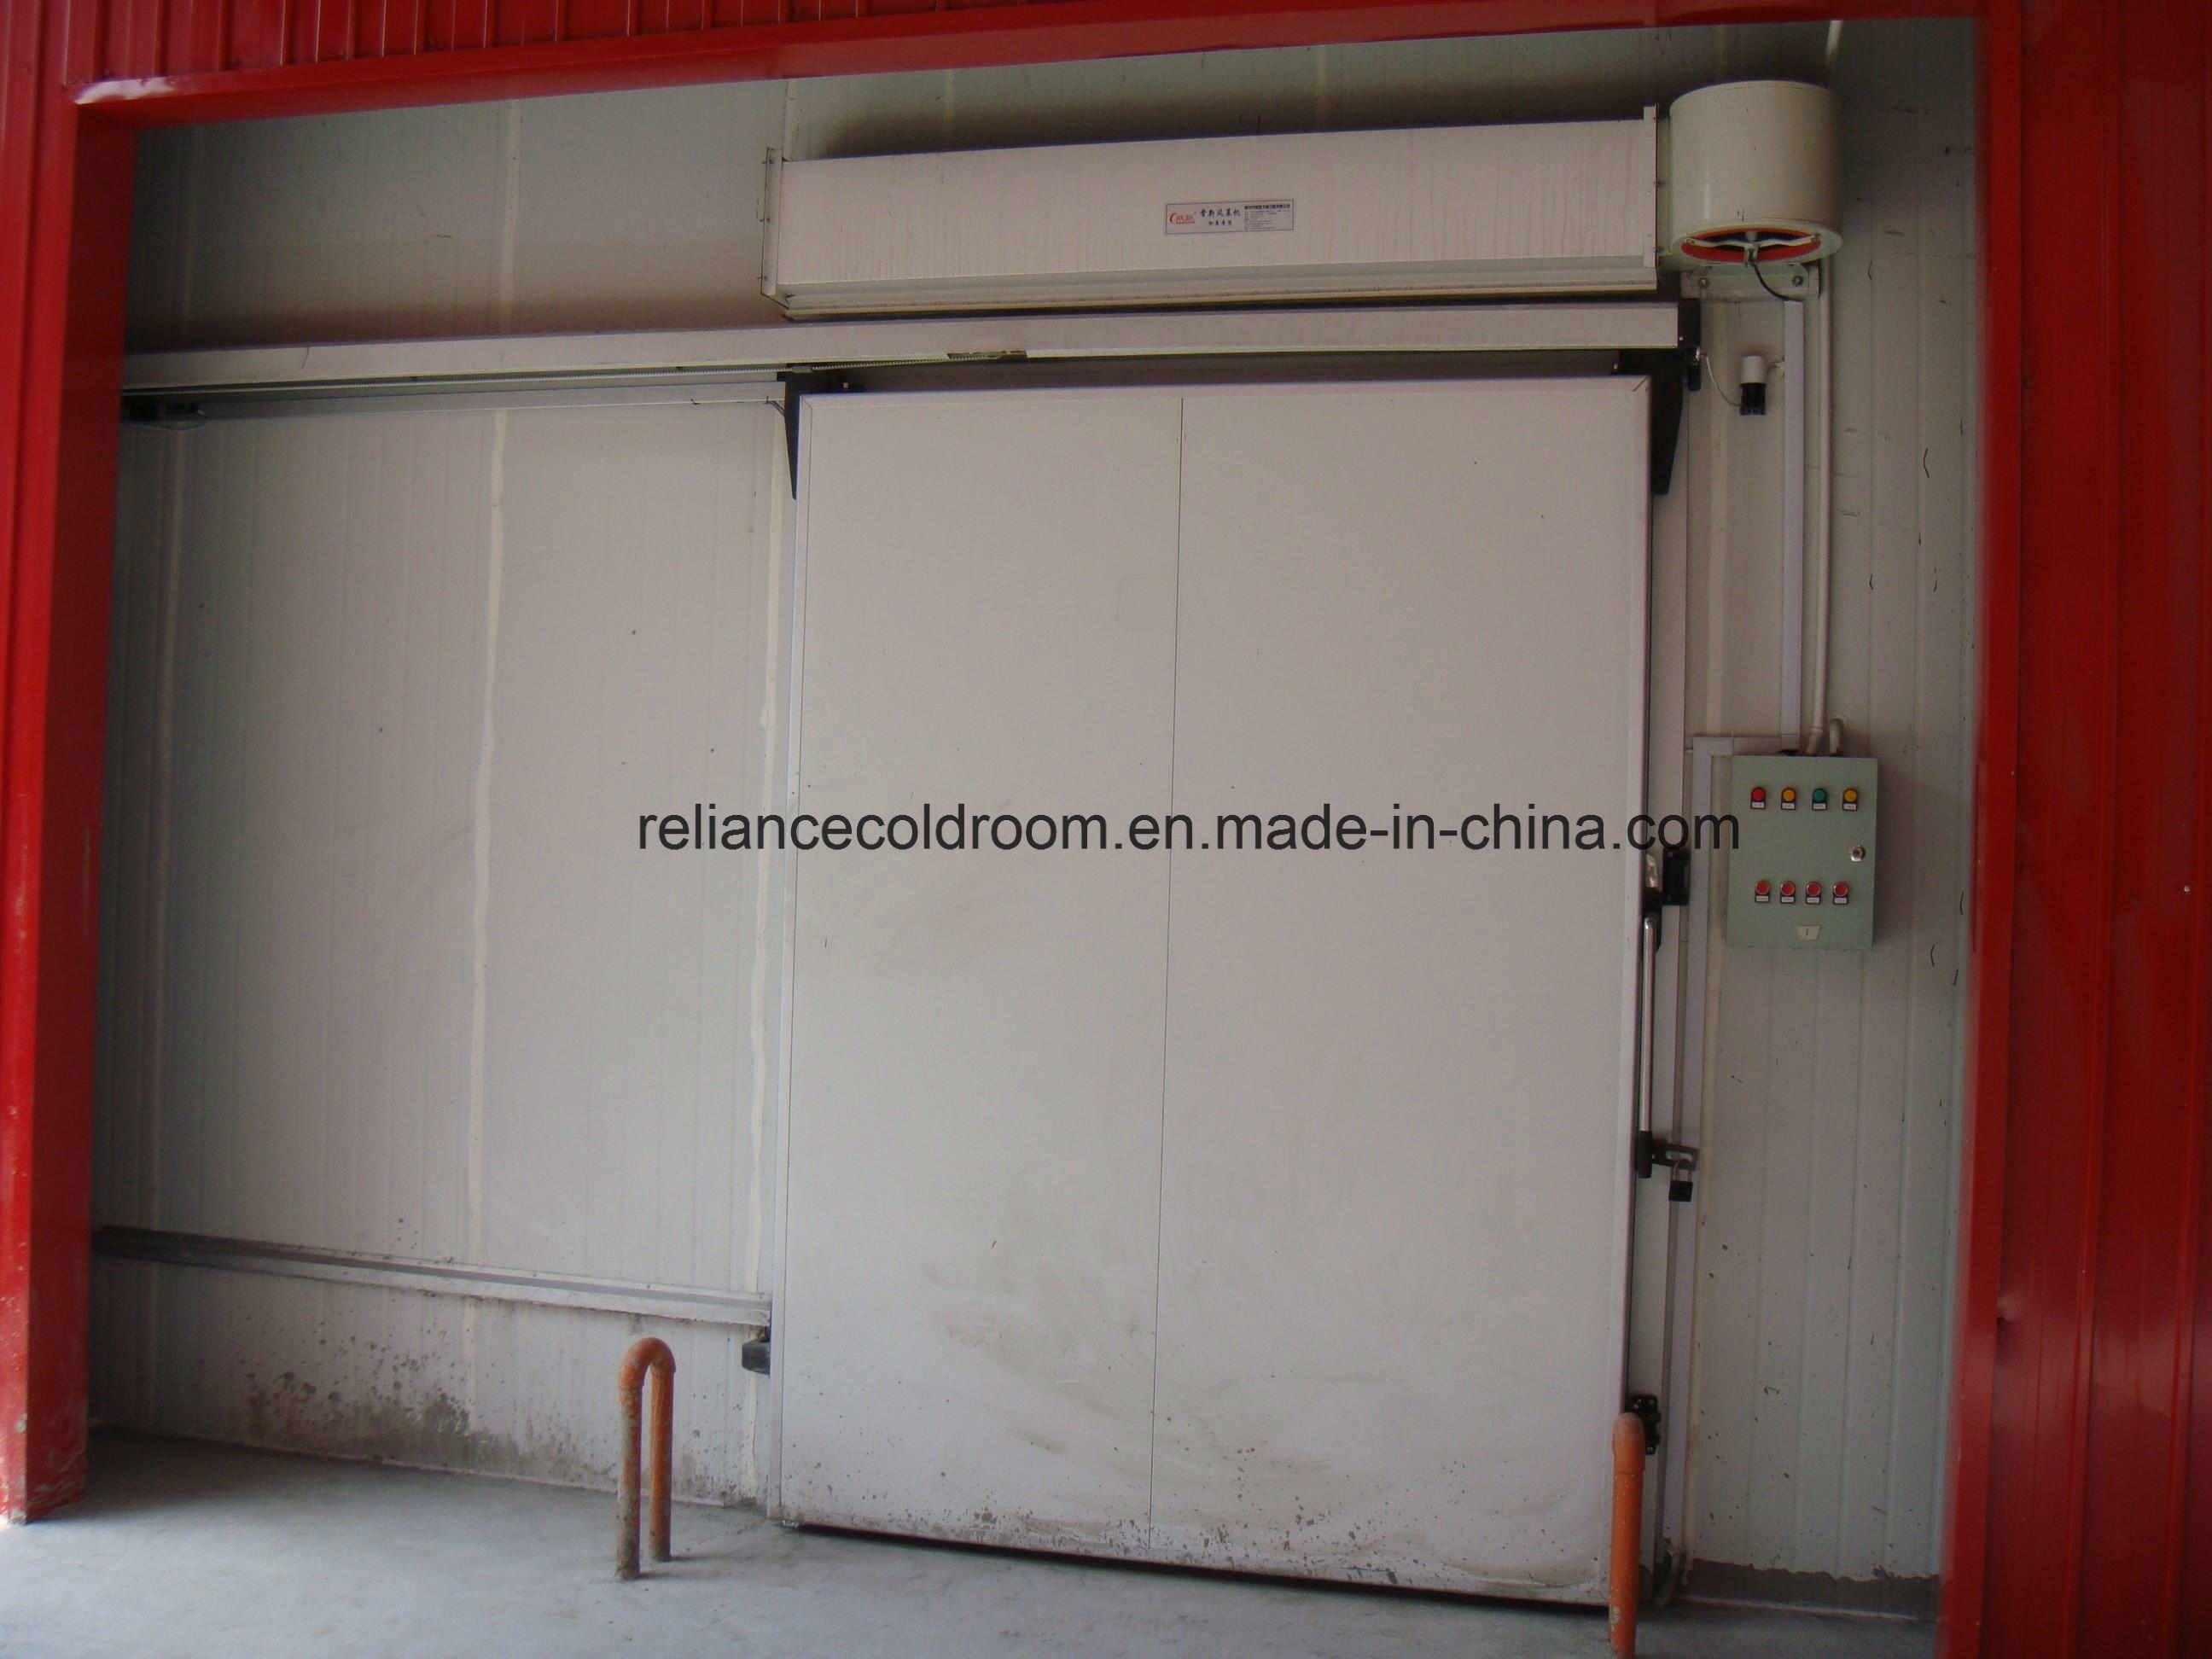 Standard Manual Sliding Door for Cold Room